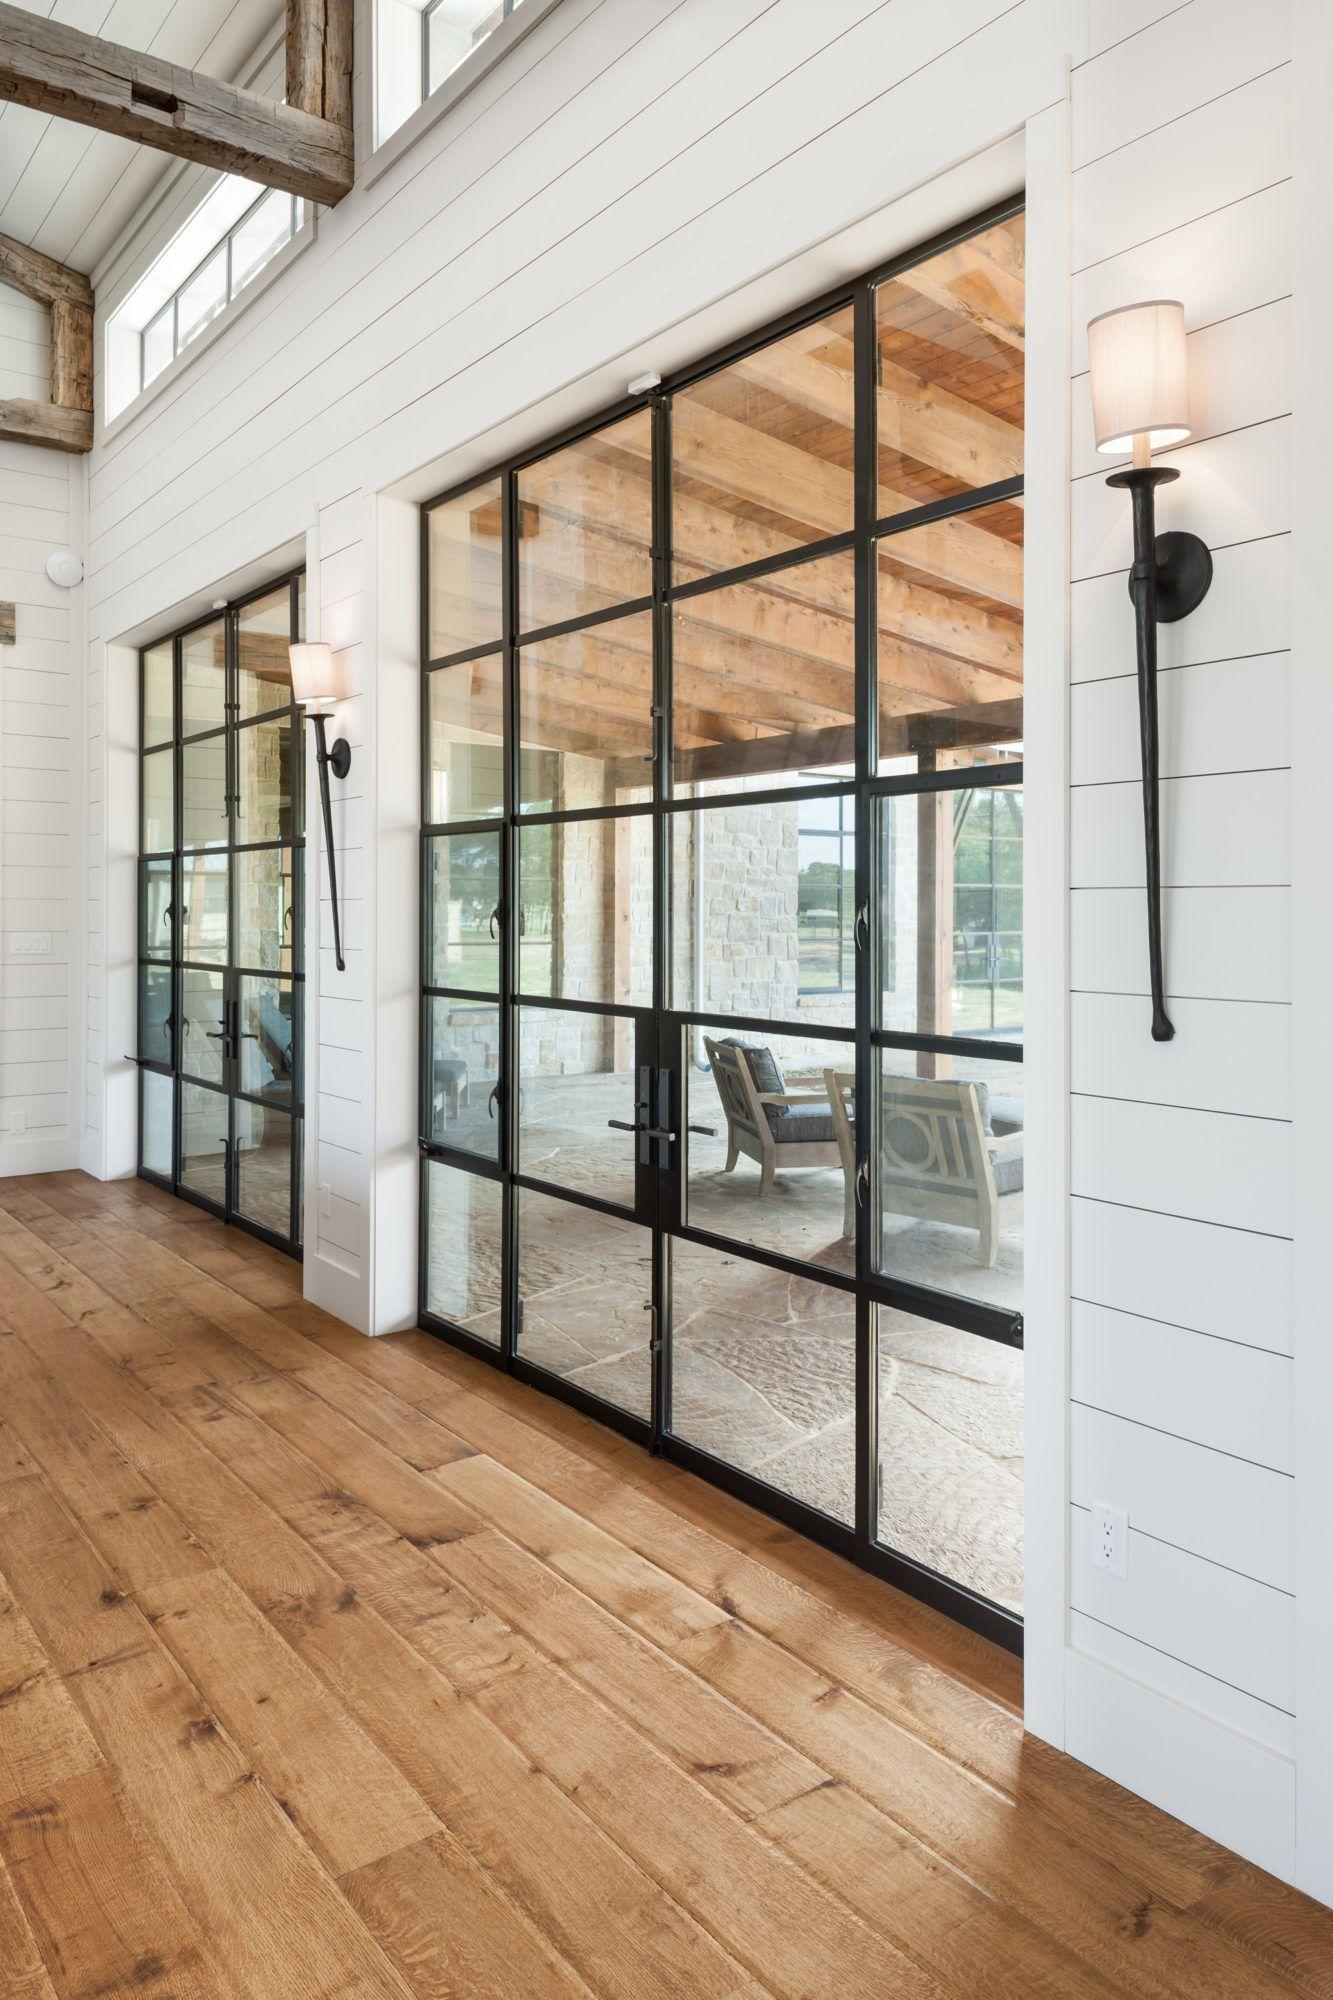 Storefront Exterior Double Door With Sidelites Transom Out Swing Double Doors Exterior Steel Doors And Windows Steel Doors